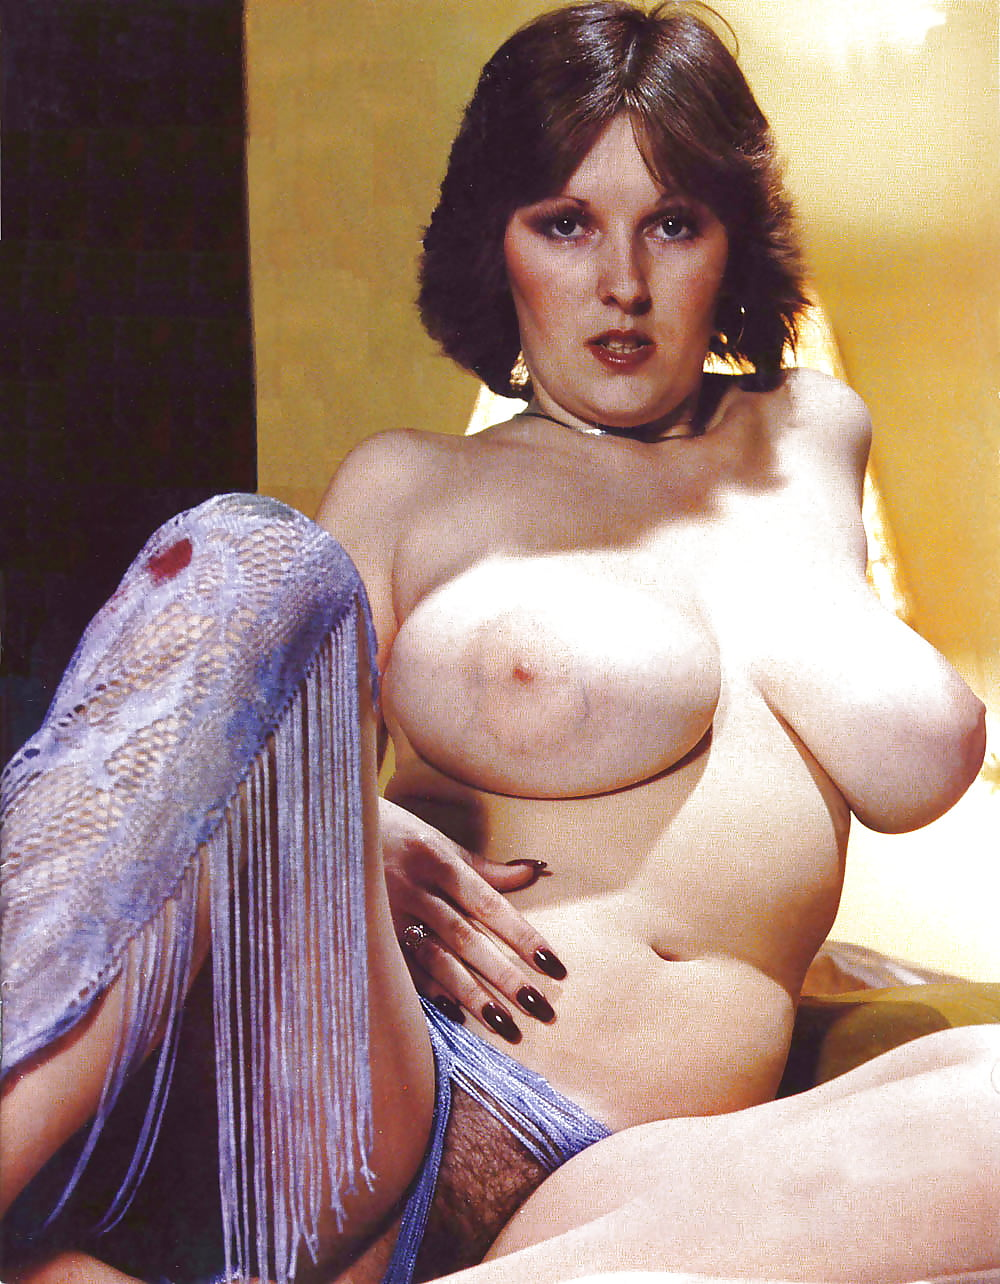 комнатке стояла зрелые женщины с большой грудью ретро фильмы решил искушать судьбу